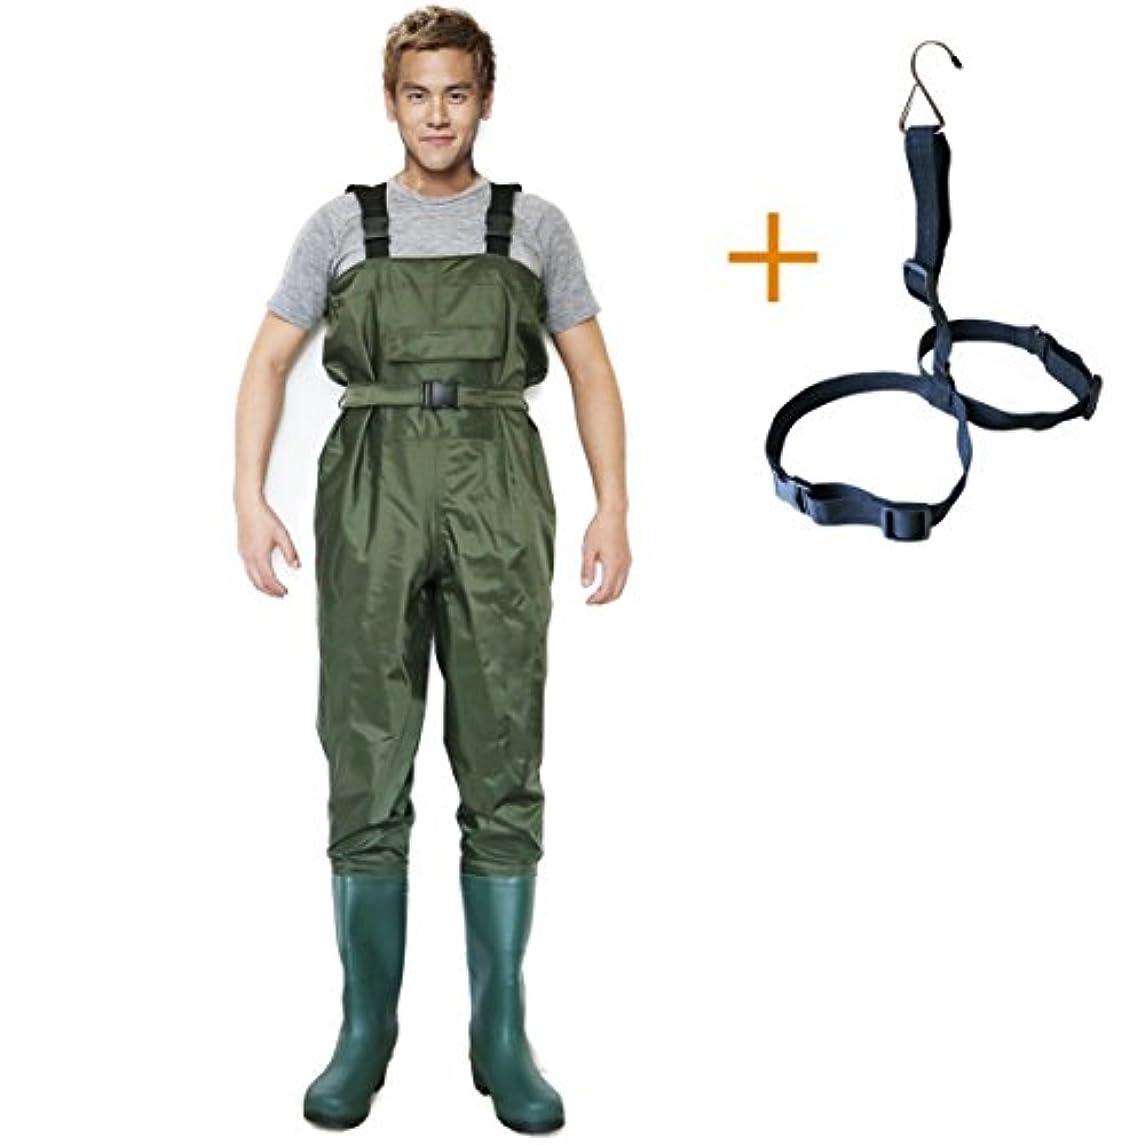 探す唯物論ところでChest Wader釣りHunting Boot足Waders、耐久性防水ライト重量Affortable + Waderハンガー